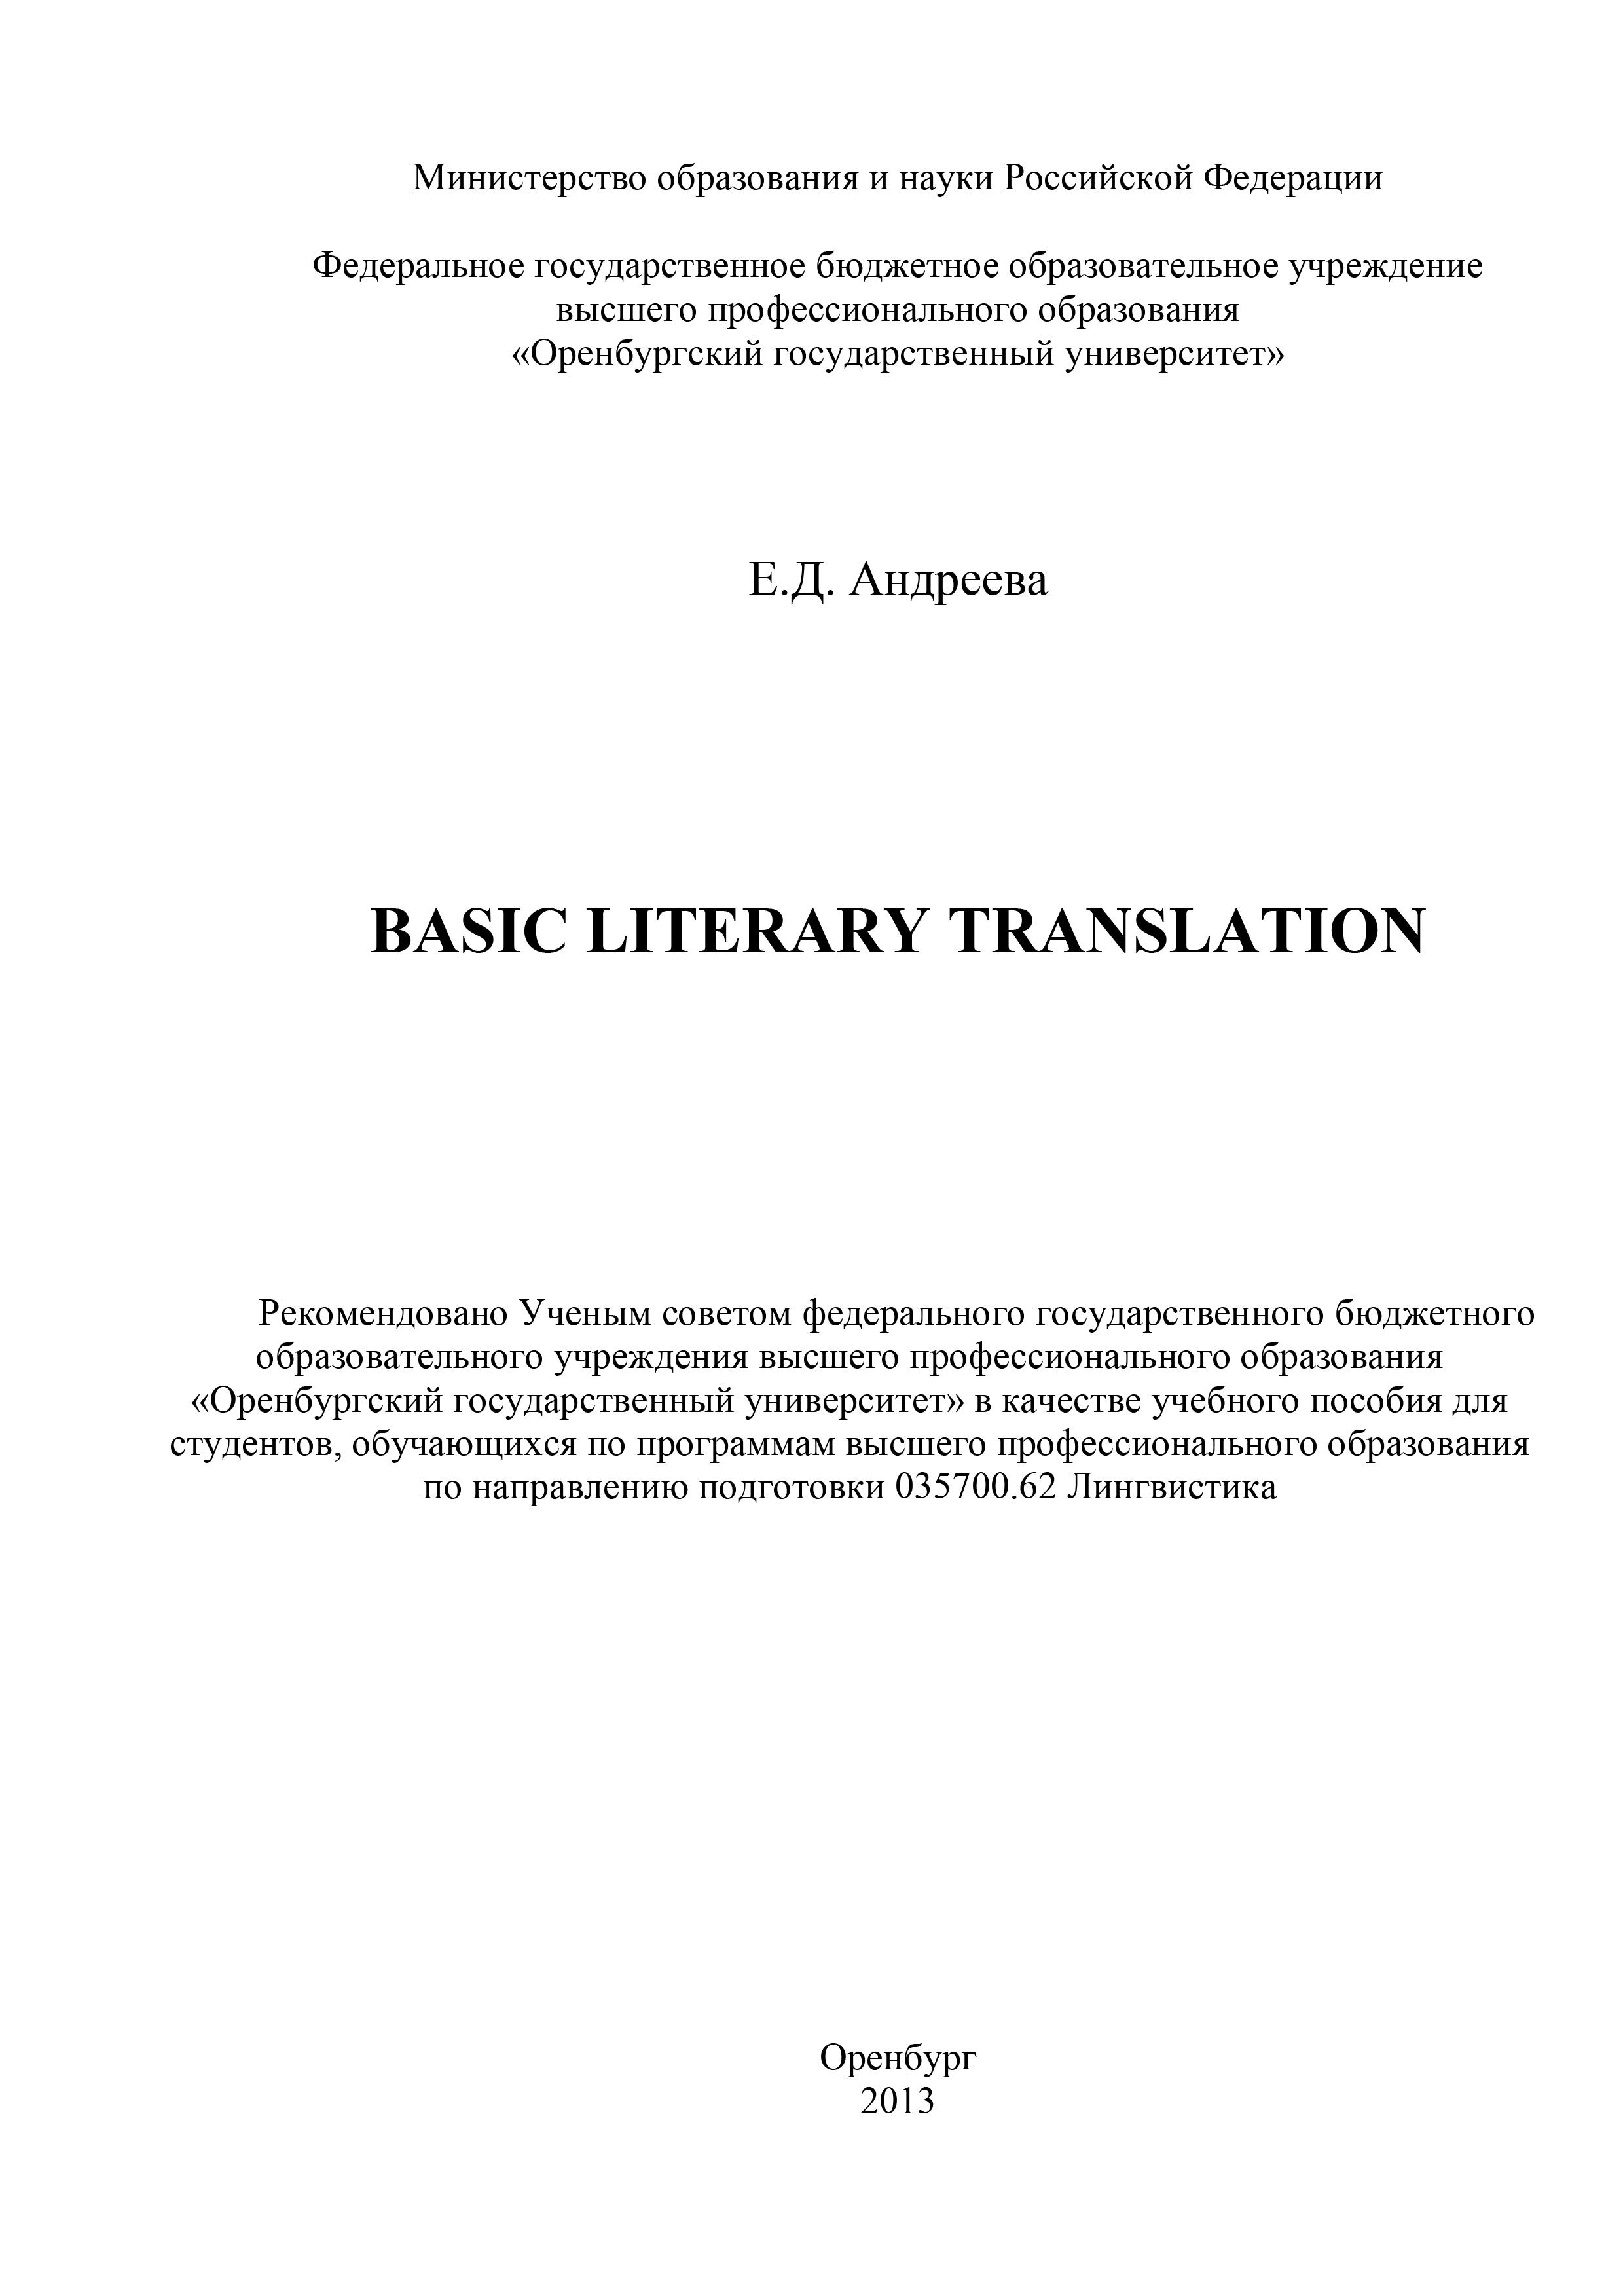 Е. Д. Андреева Basic literary translation цена